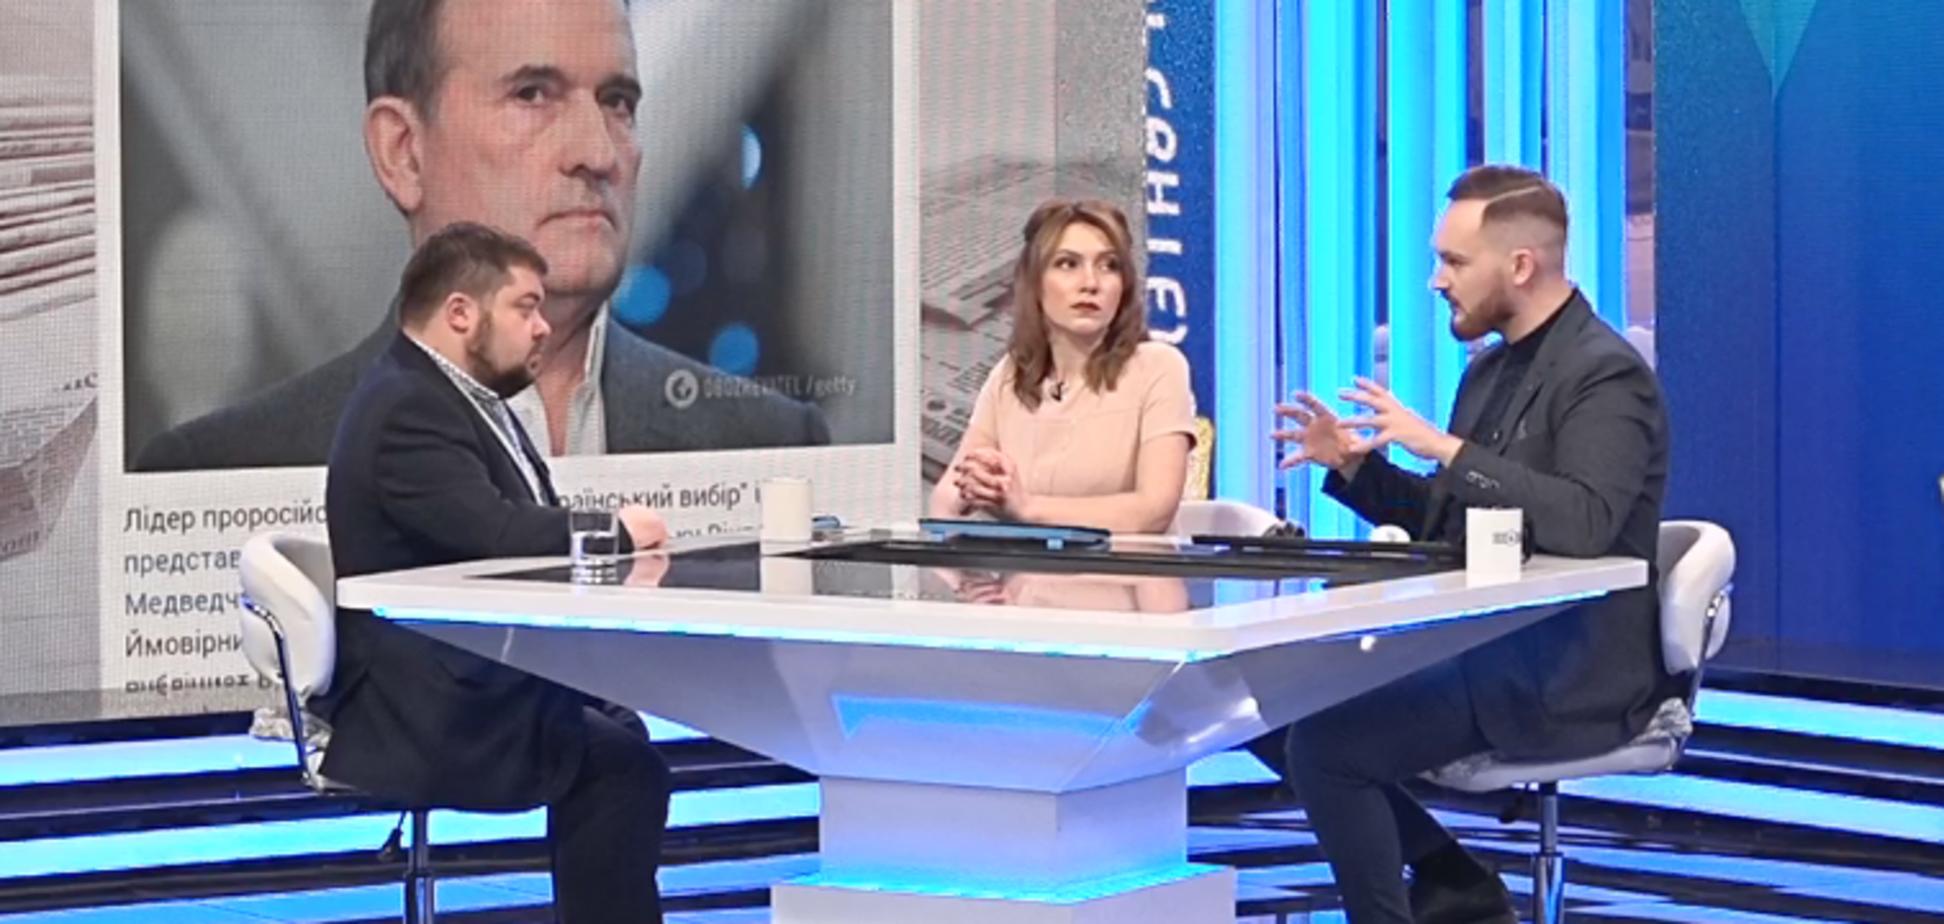 'Савченко готовили под политический проект' - нардеп Карпунцов